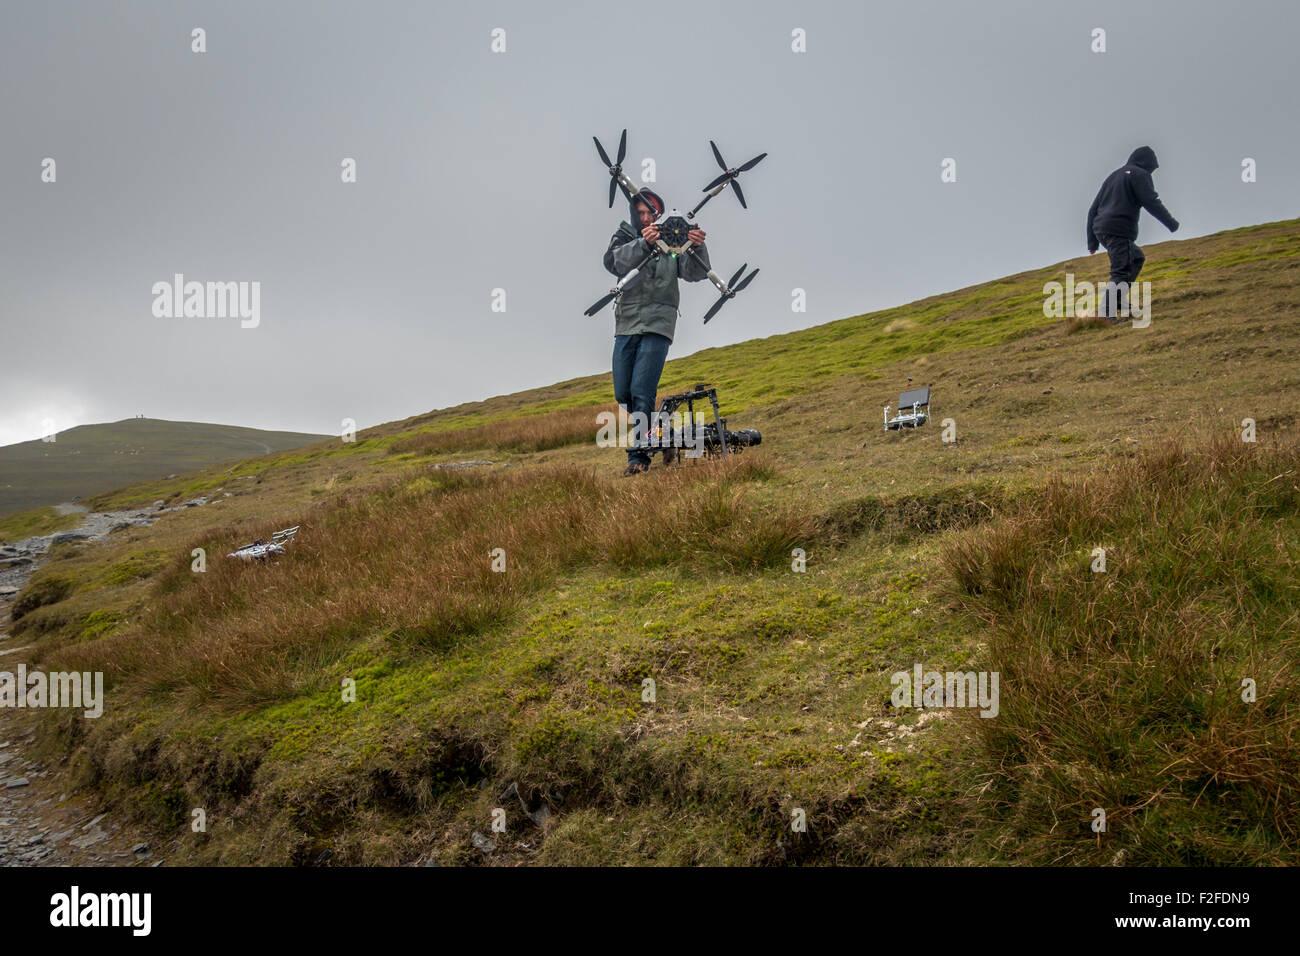 Preparación de un gran equipo de filmación caro filmar drone en la cima de una montaña en el distrito de los lagos Foto de stock